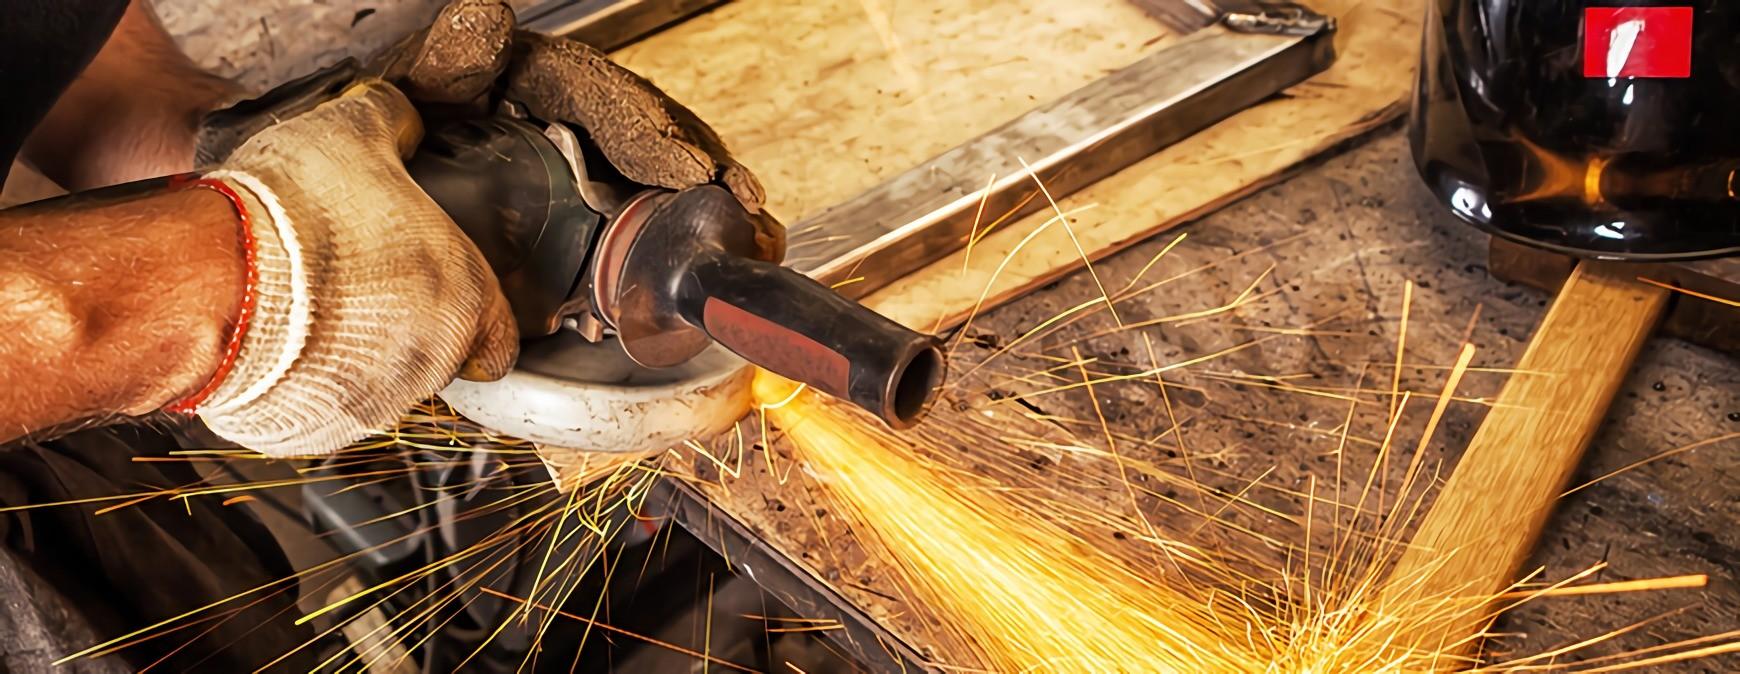 welder using angle grinder